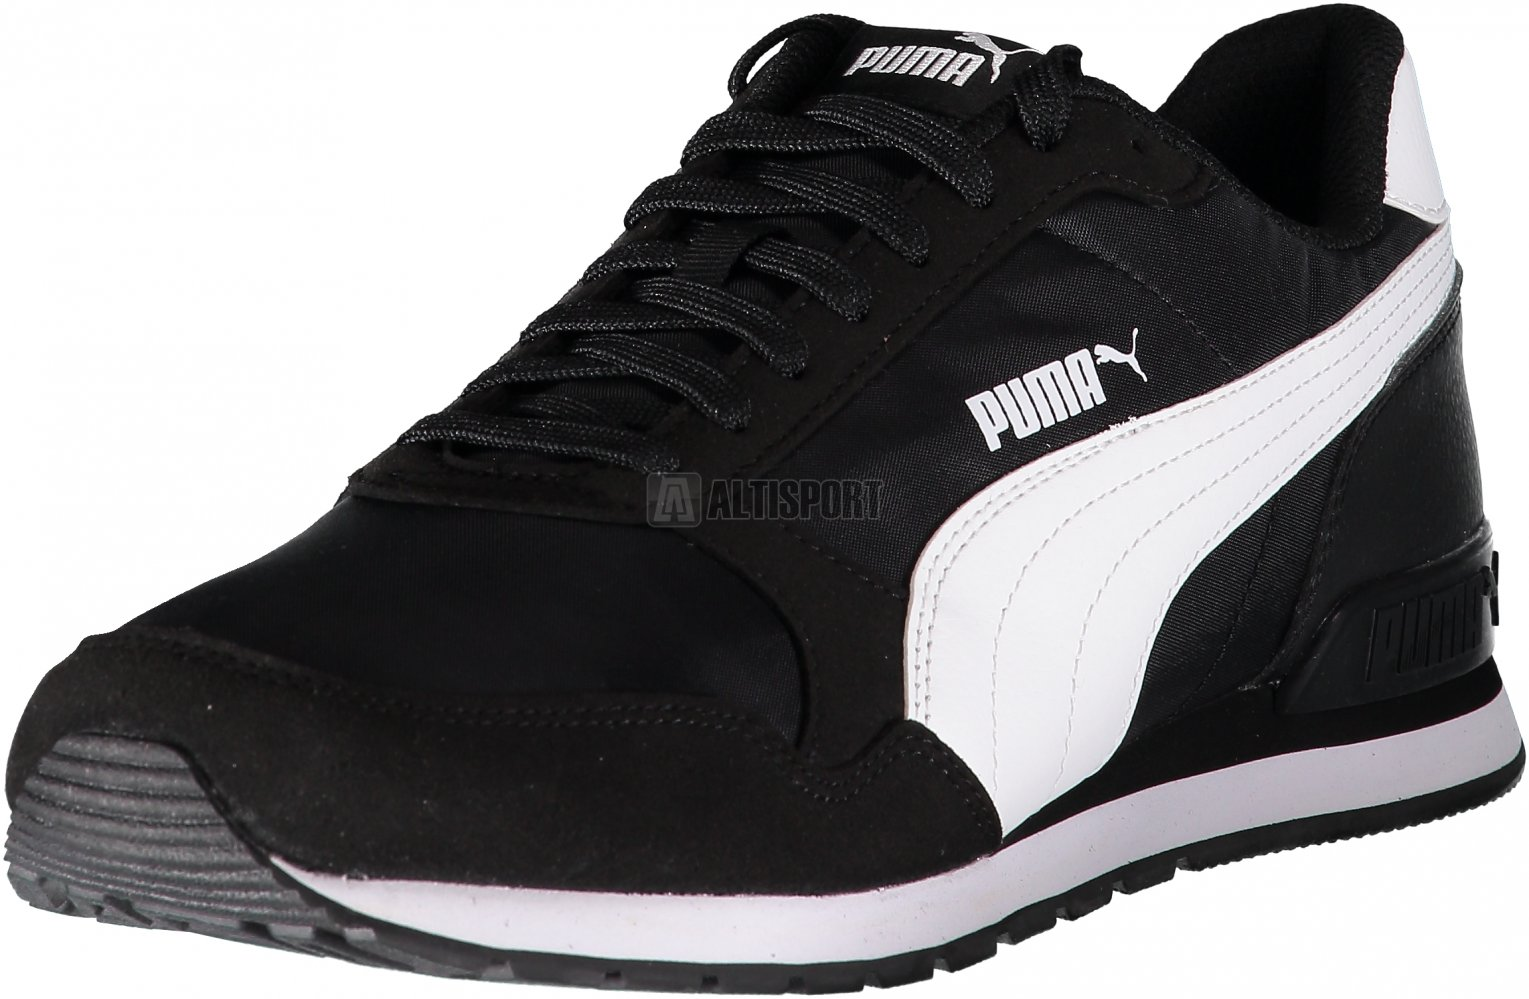 a64406166e2cc Pánská běžecká obuv PUMA ST RUNNER V2 NL 36527801 BLACK/WHITE ...